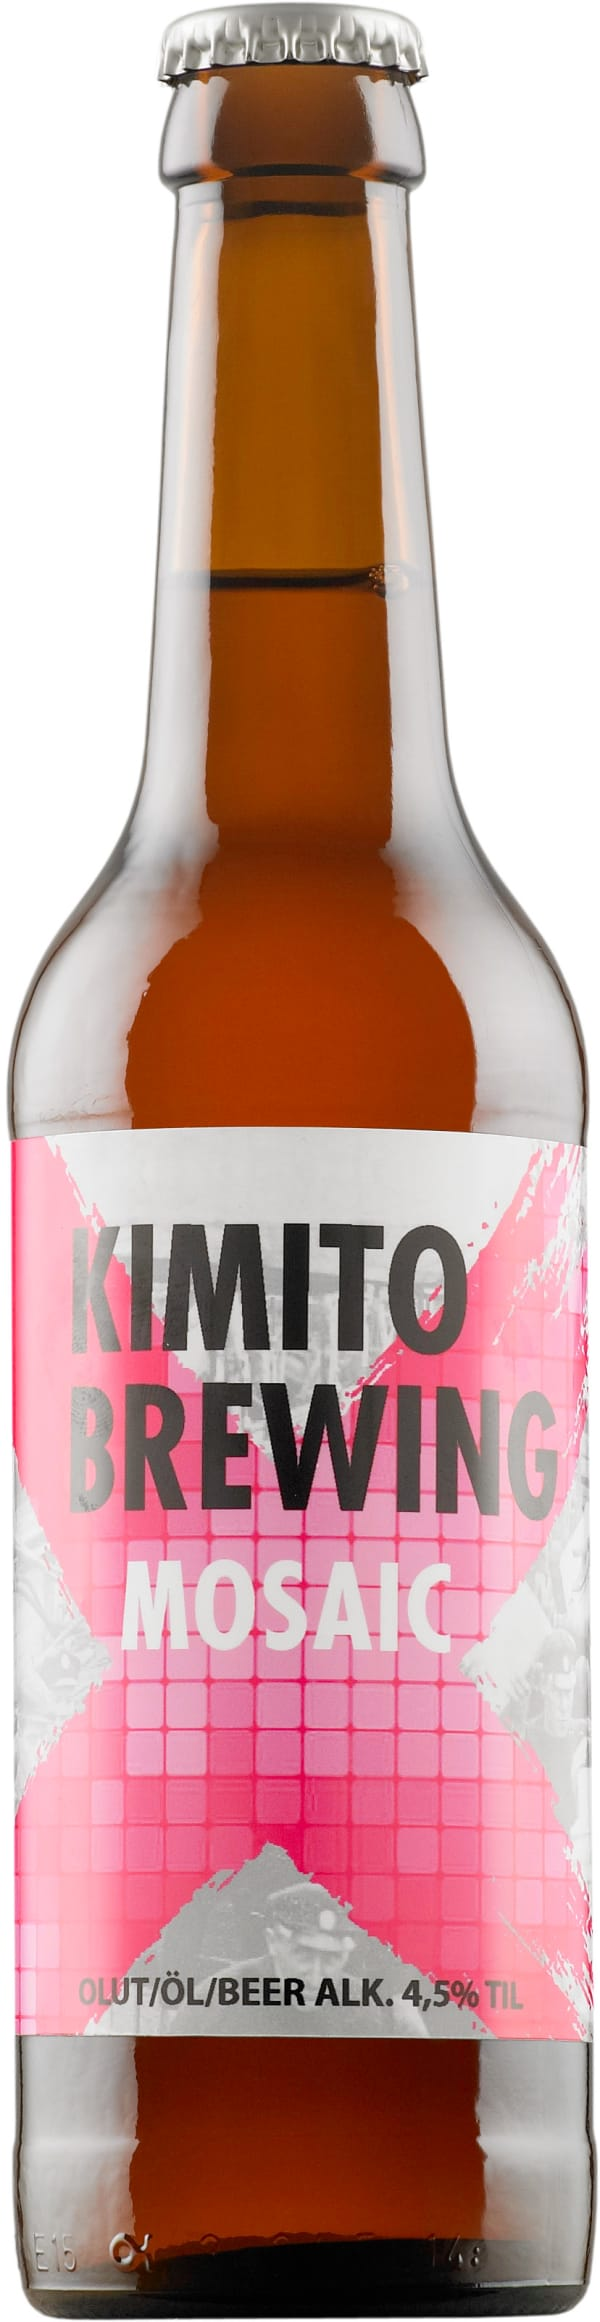 Kimito Brewing Mosaic Vienna